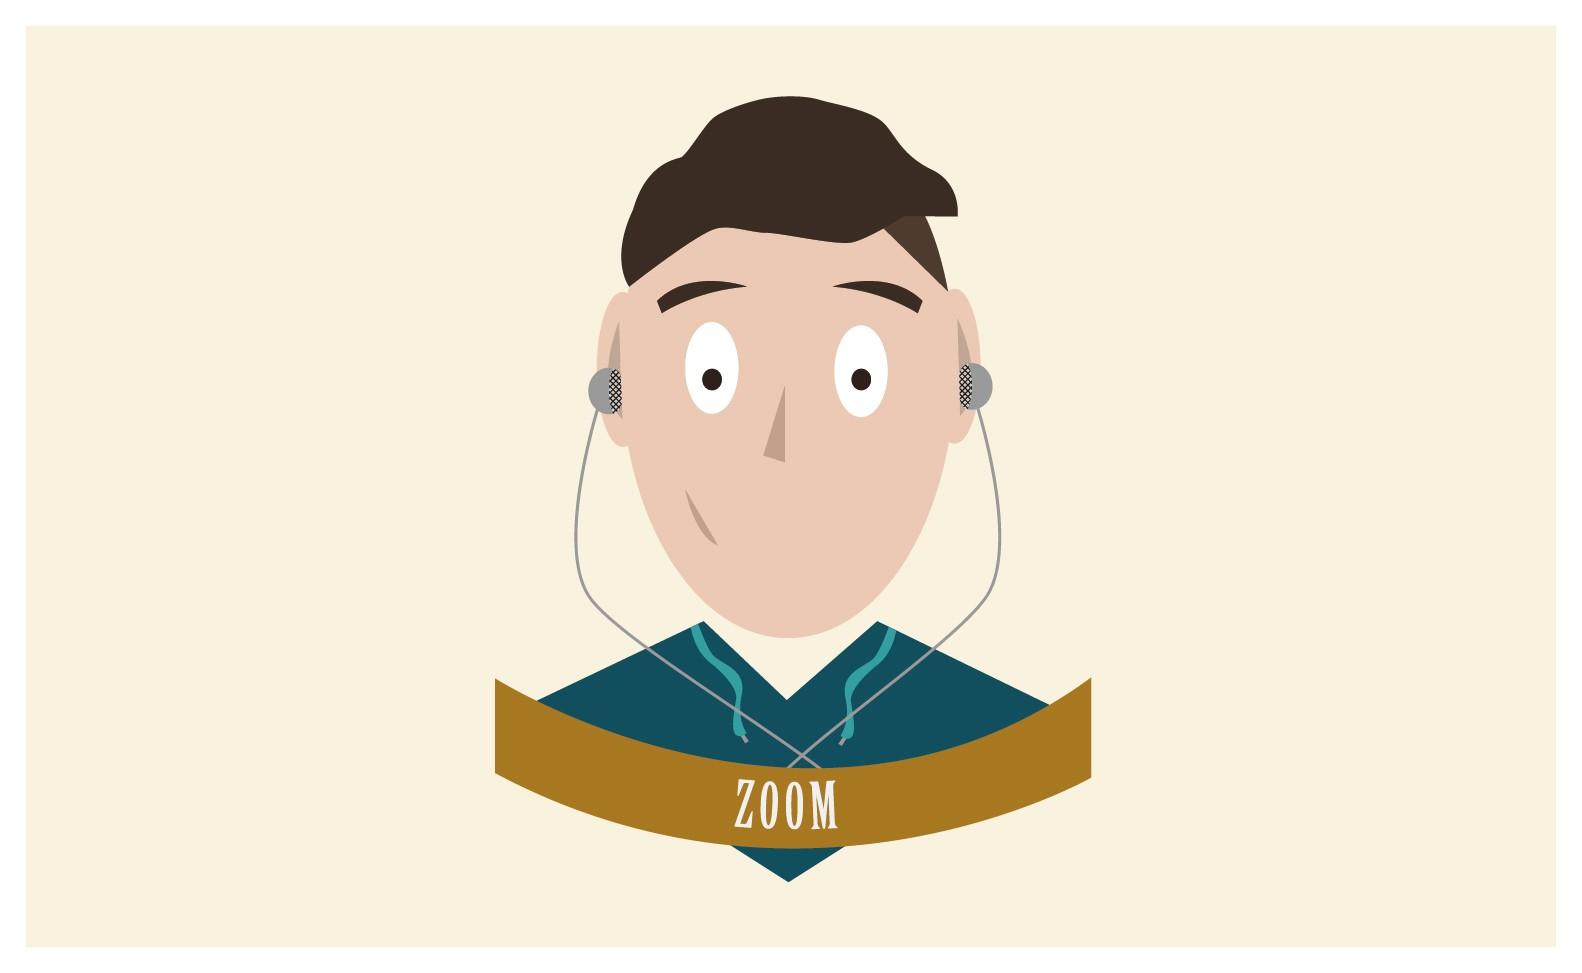 Objetivo zoom